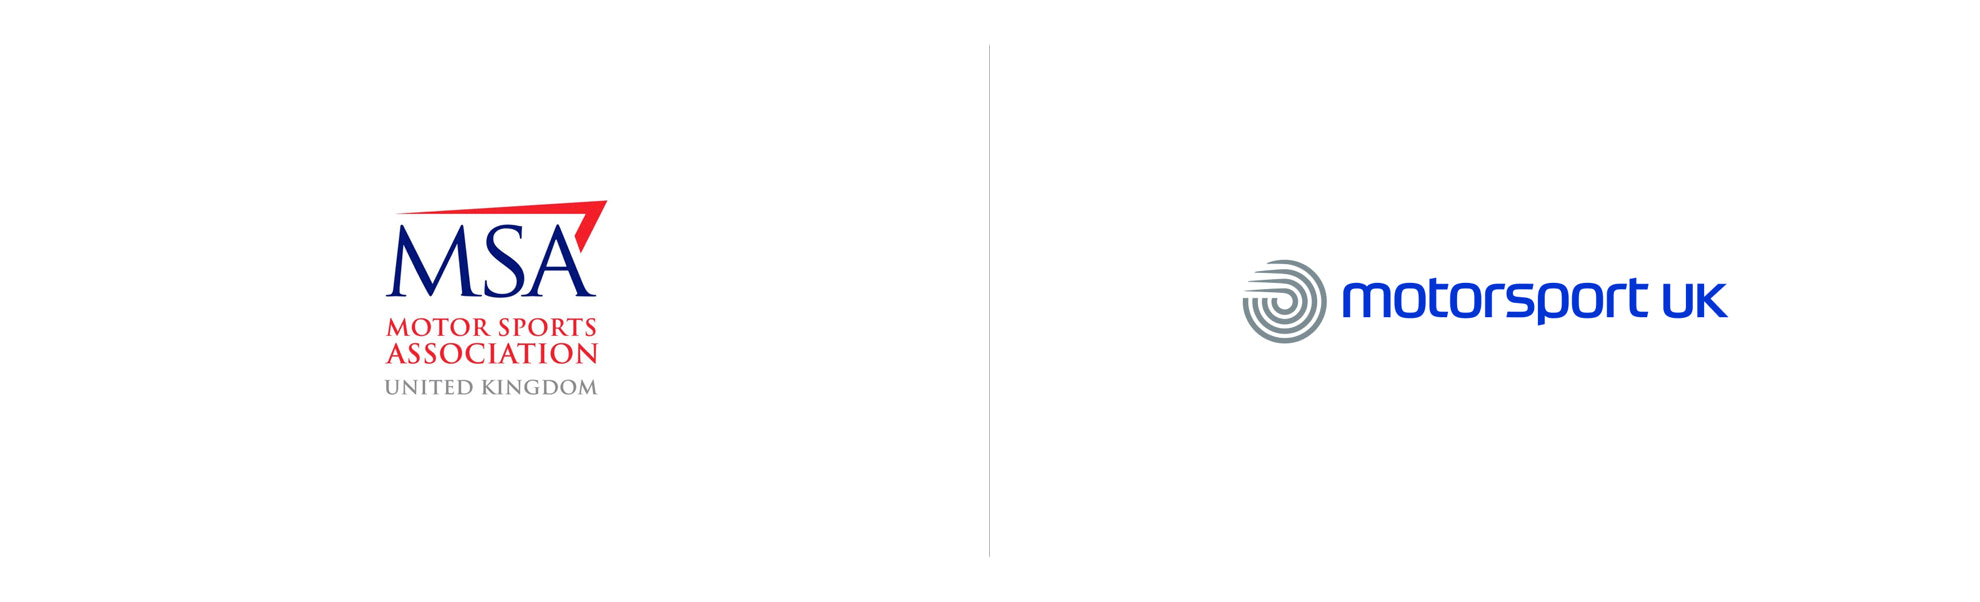 motorsport uk znowym logo